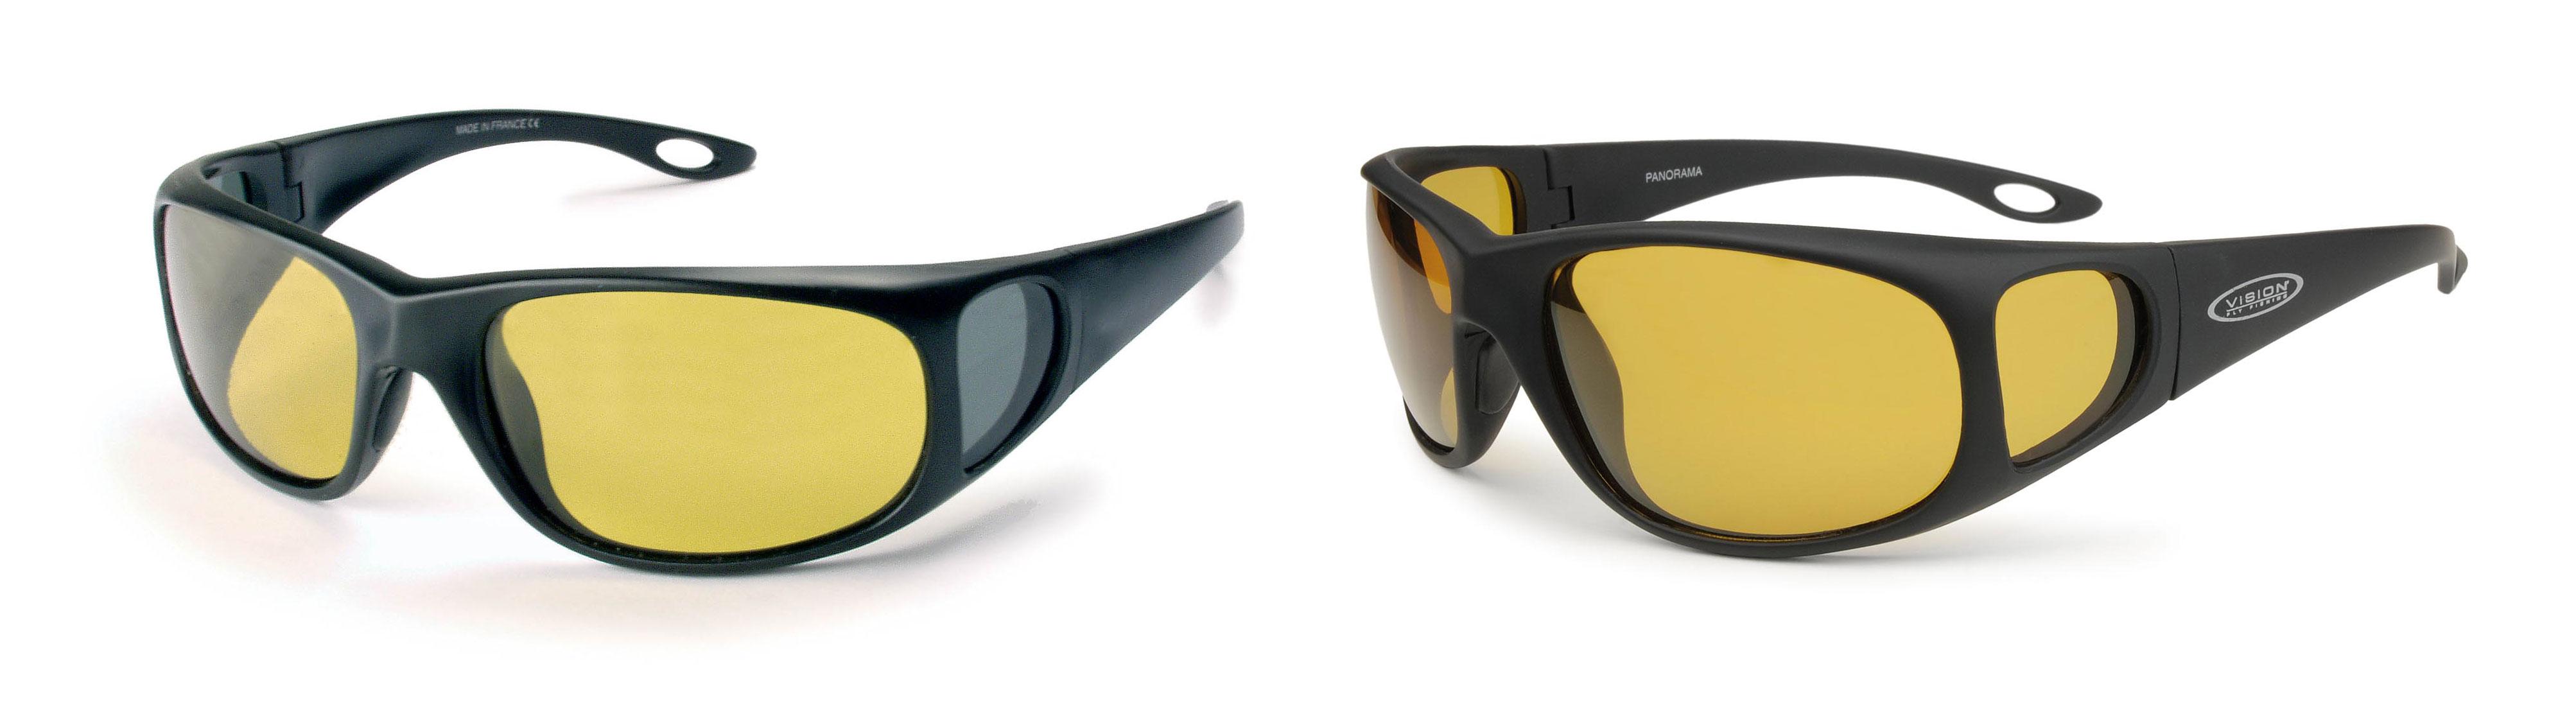 Polarized carp fly sea fishing sunglasses louisiana for Fly fishing sunglasses